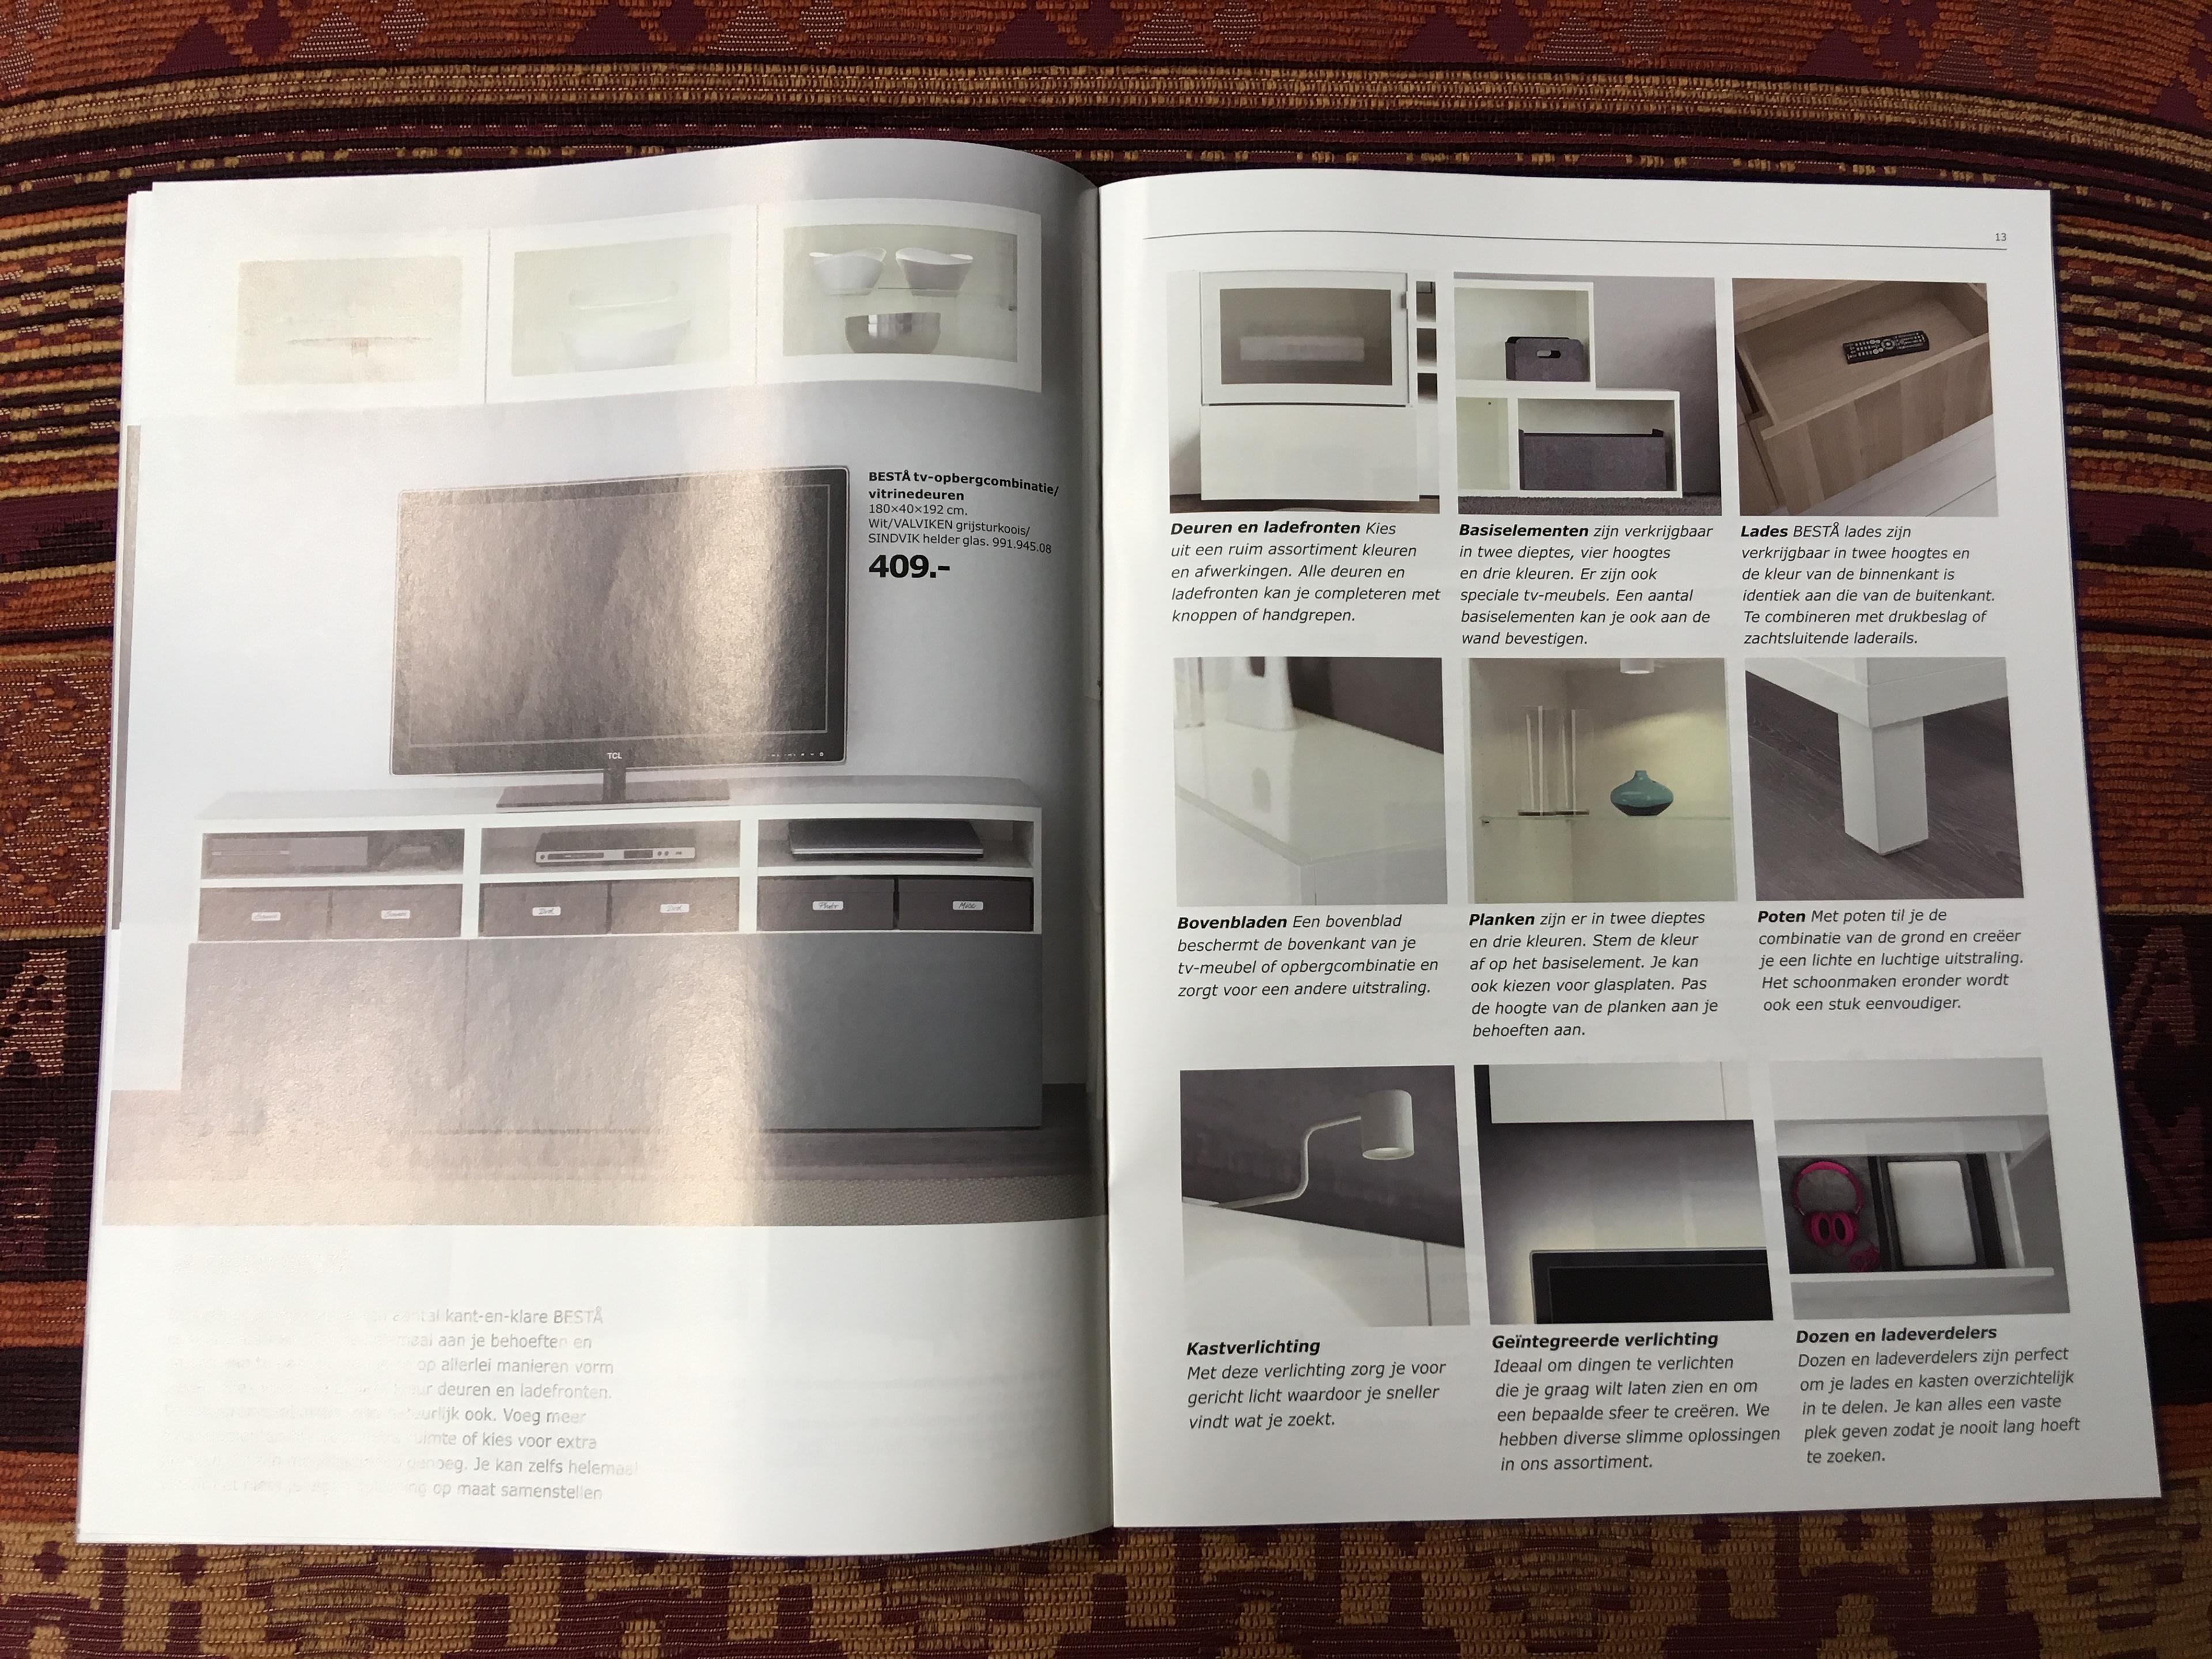 Ikea Tv Meubel Kast.Intercreatief Online Offline Design Ikea